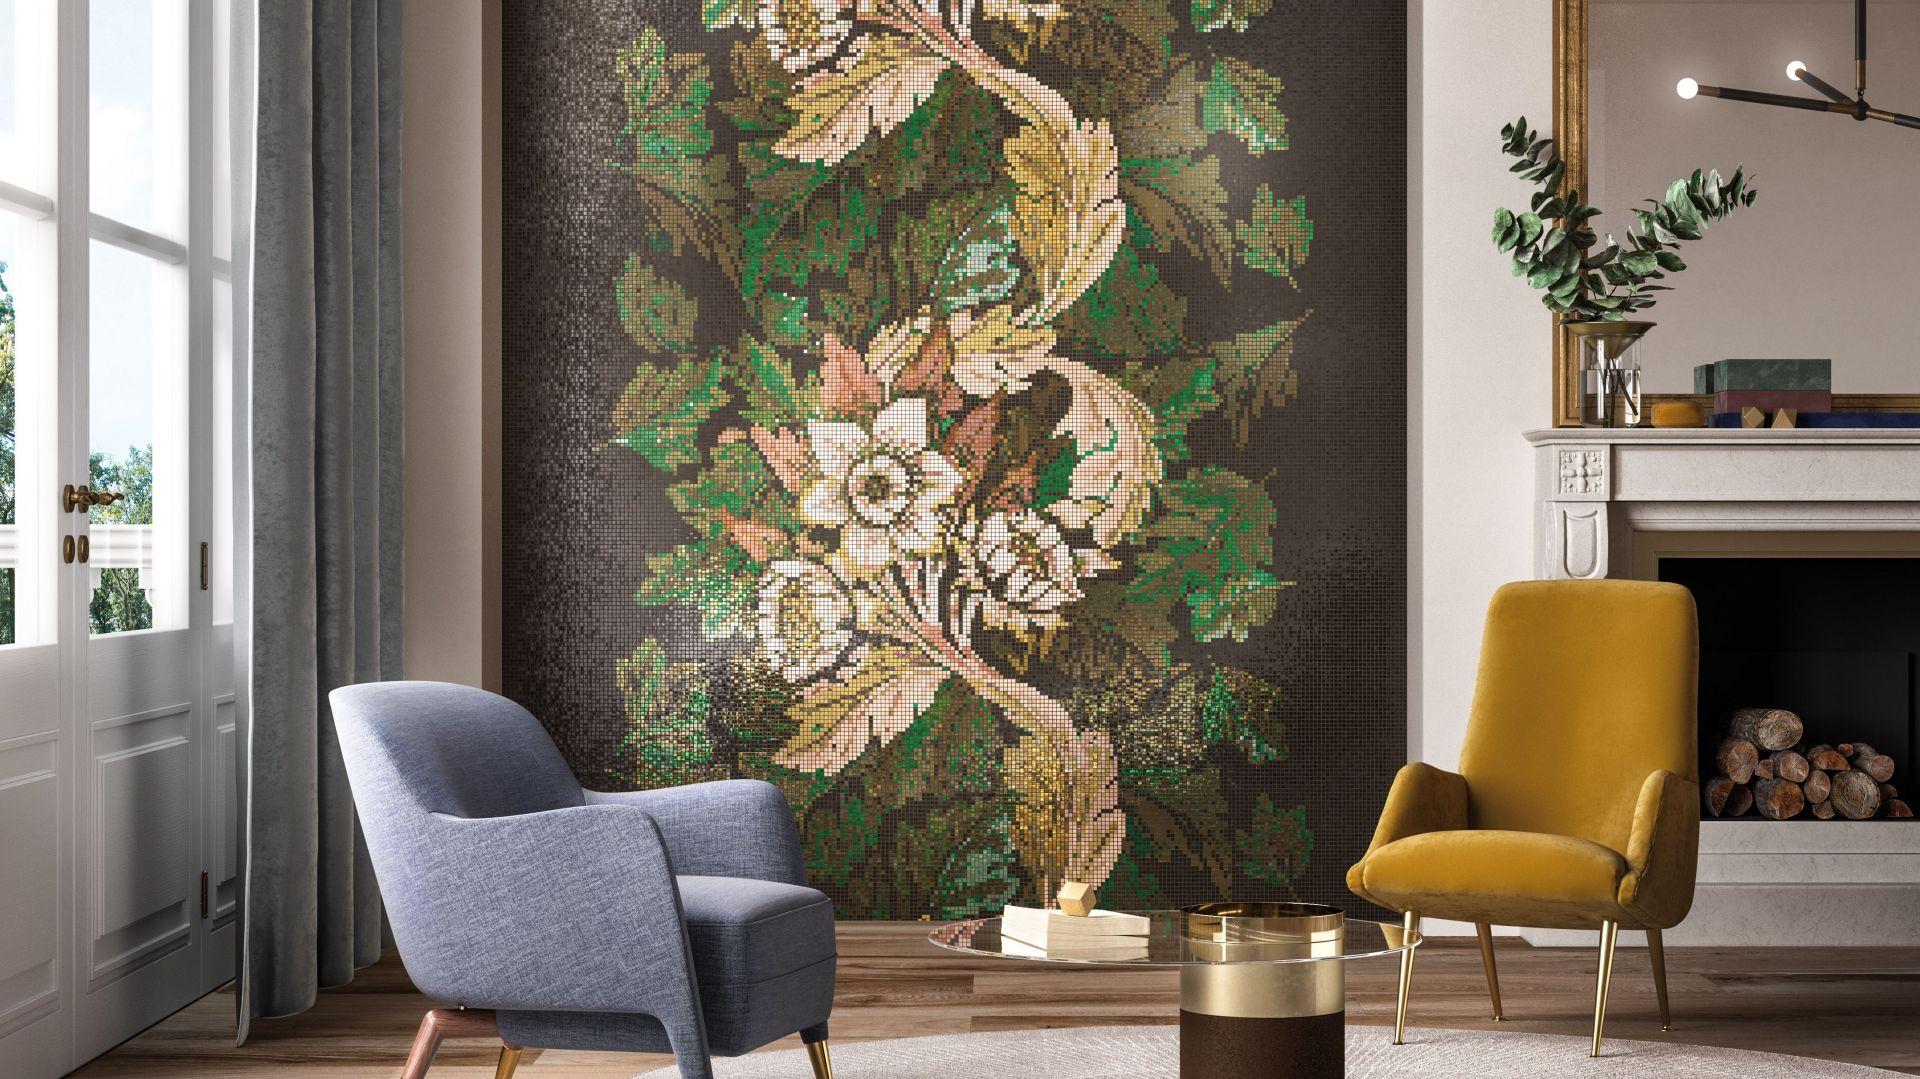 Мозаика Dancing Flowers с одухотворенной природой линии декоративных орнаментов